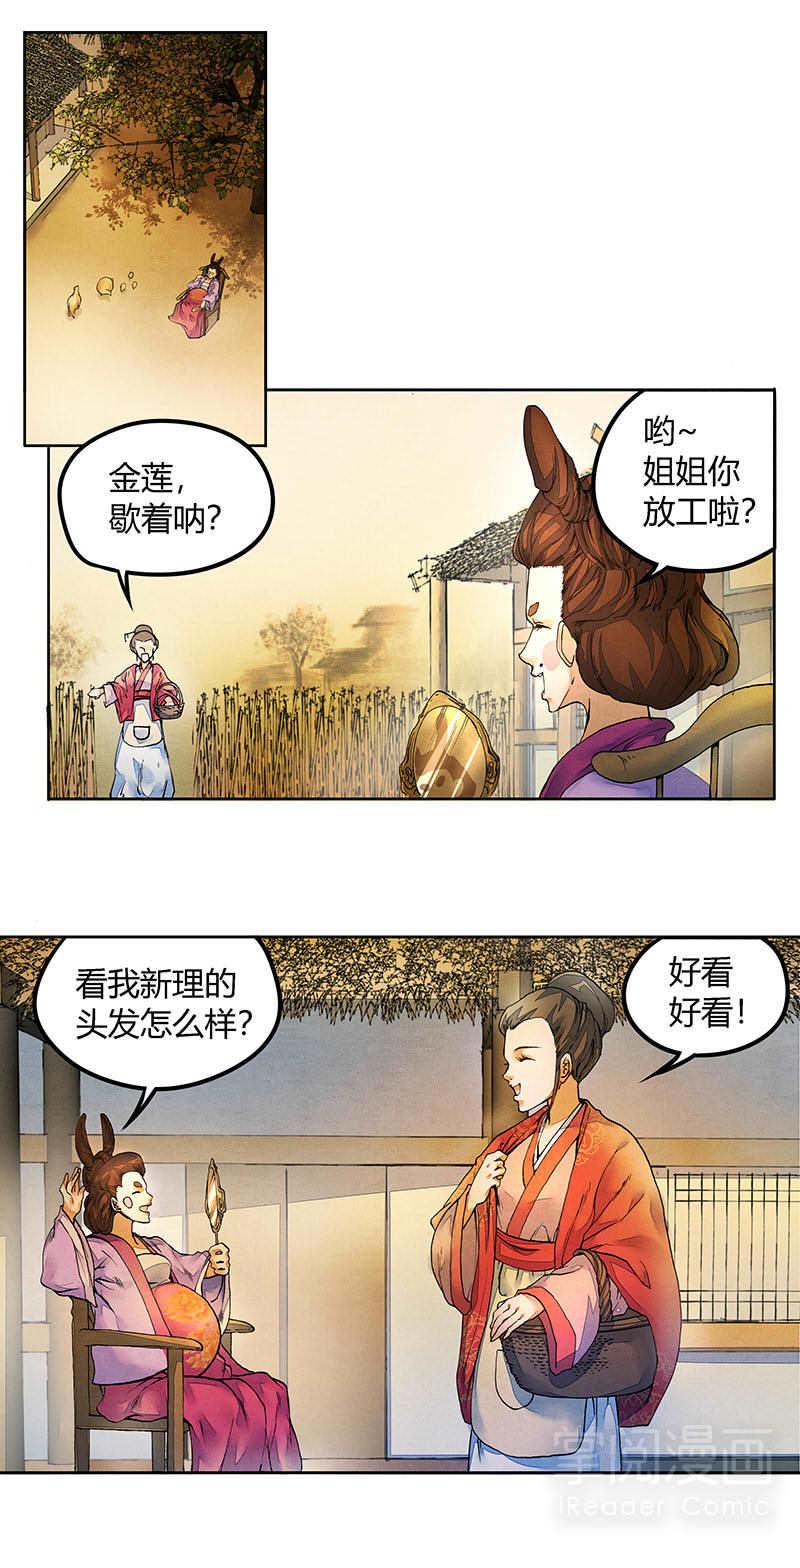 逍遥游第13话  颦眉难语心惆怅 第 3